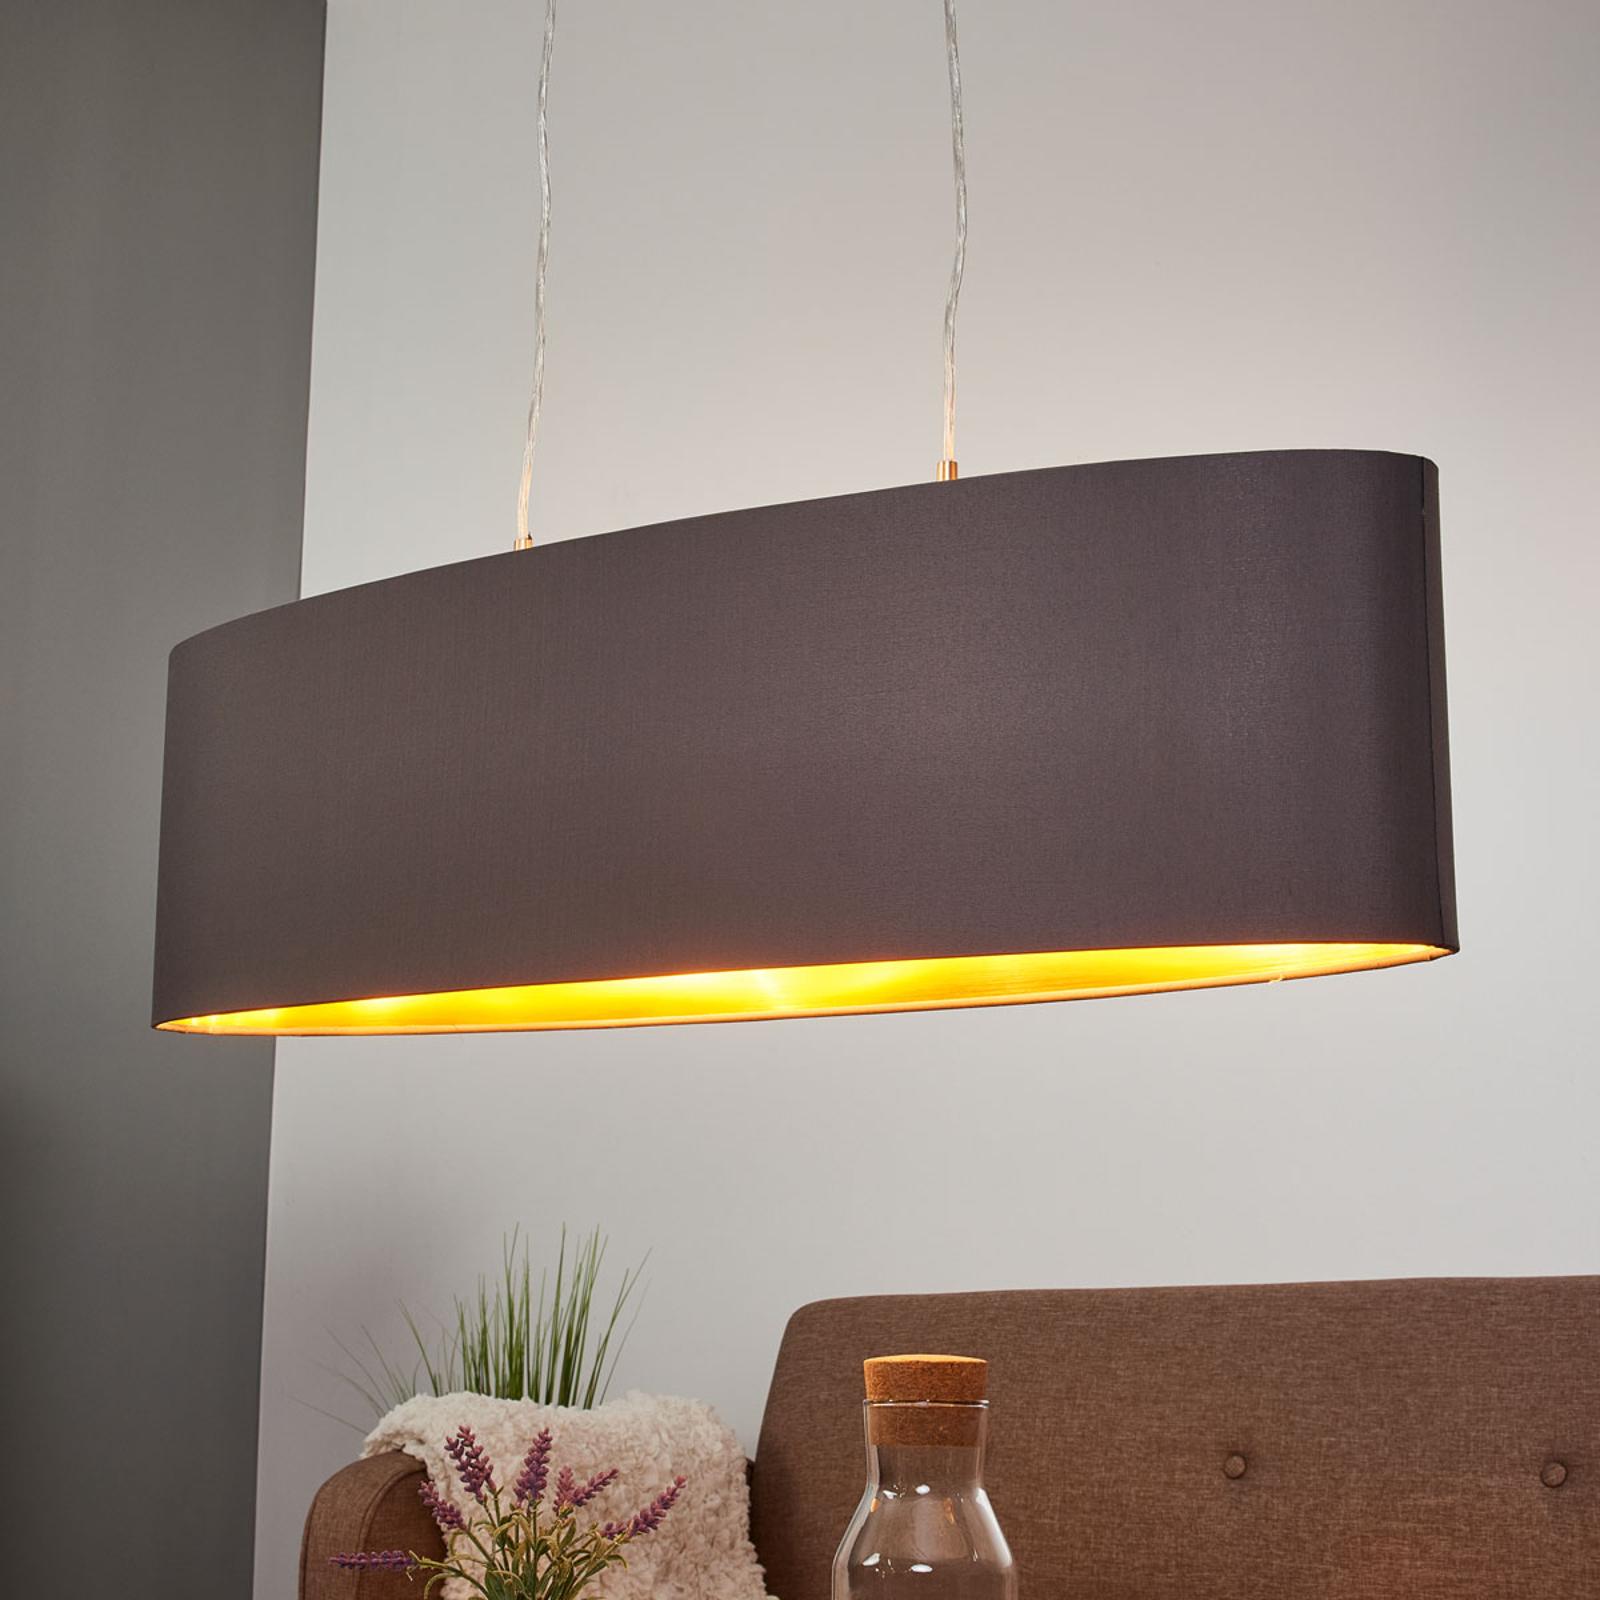 Textilní závěsné světlo Lecio, ovál, 78 cm, černé